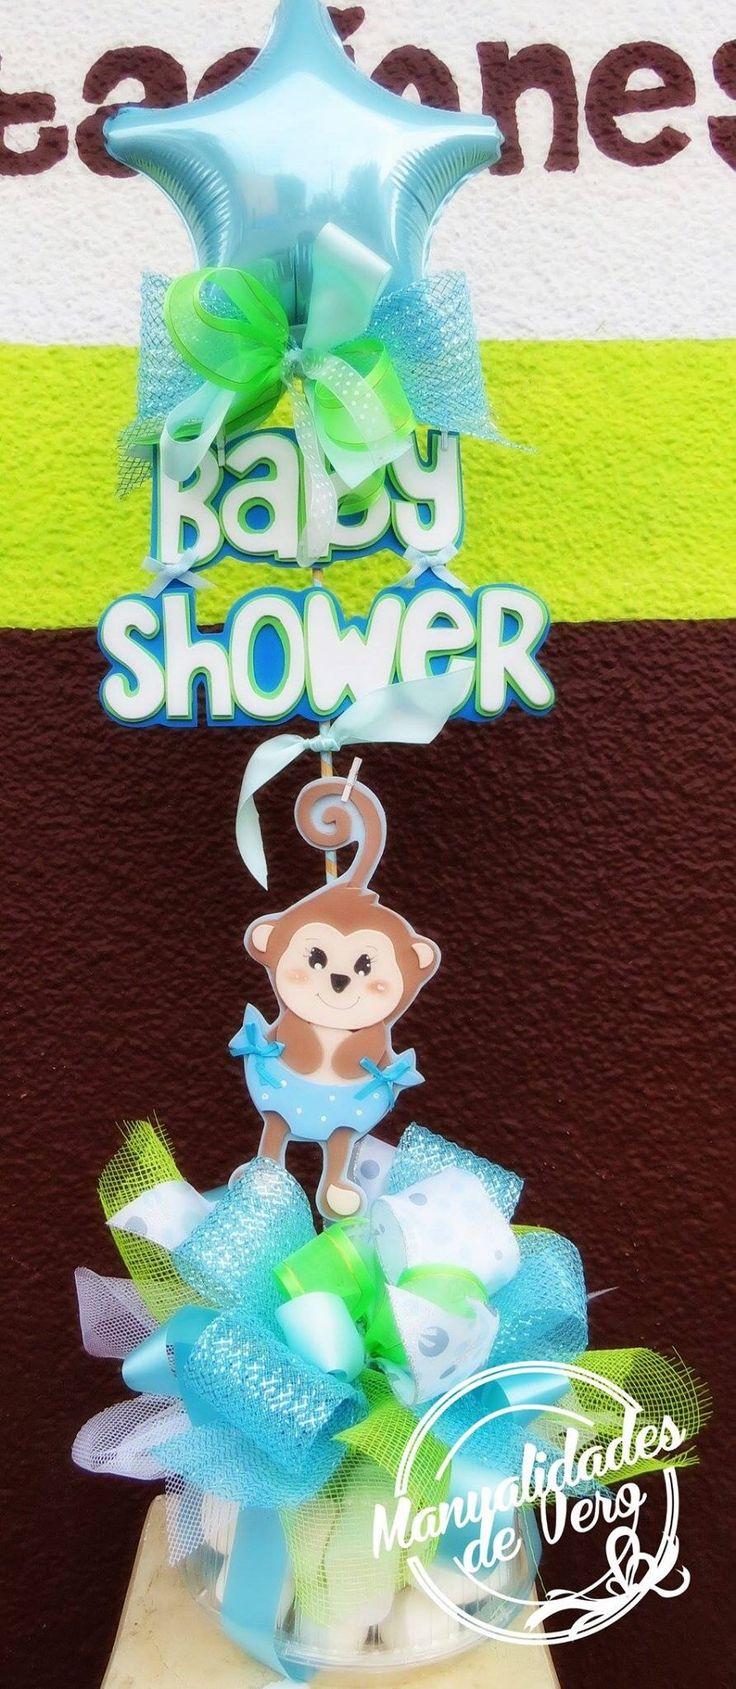 Centro de mesa Baby shower...